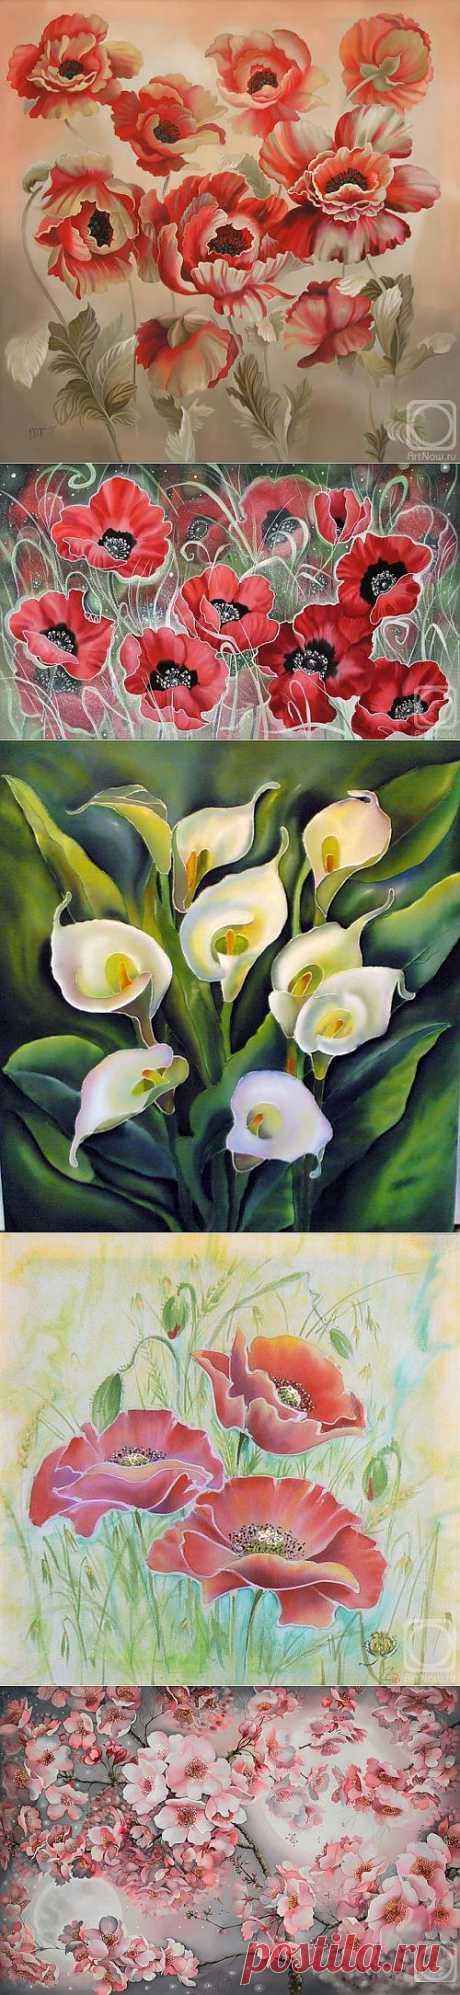 Батик. Цветы (54 работ) » Картины, художники, фотографы на Nevsepic